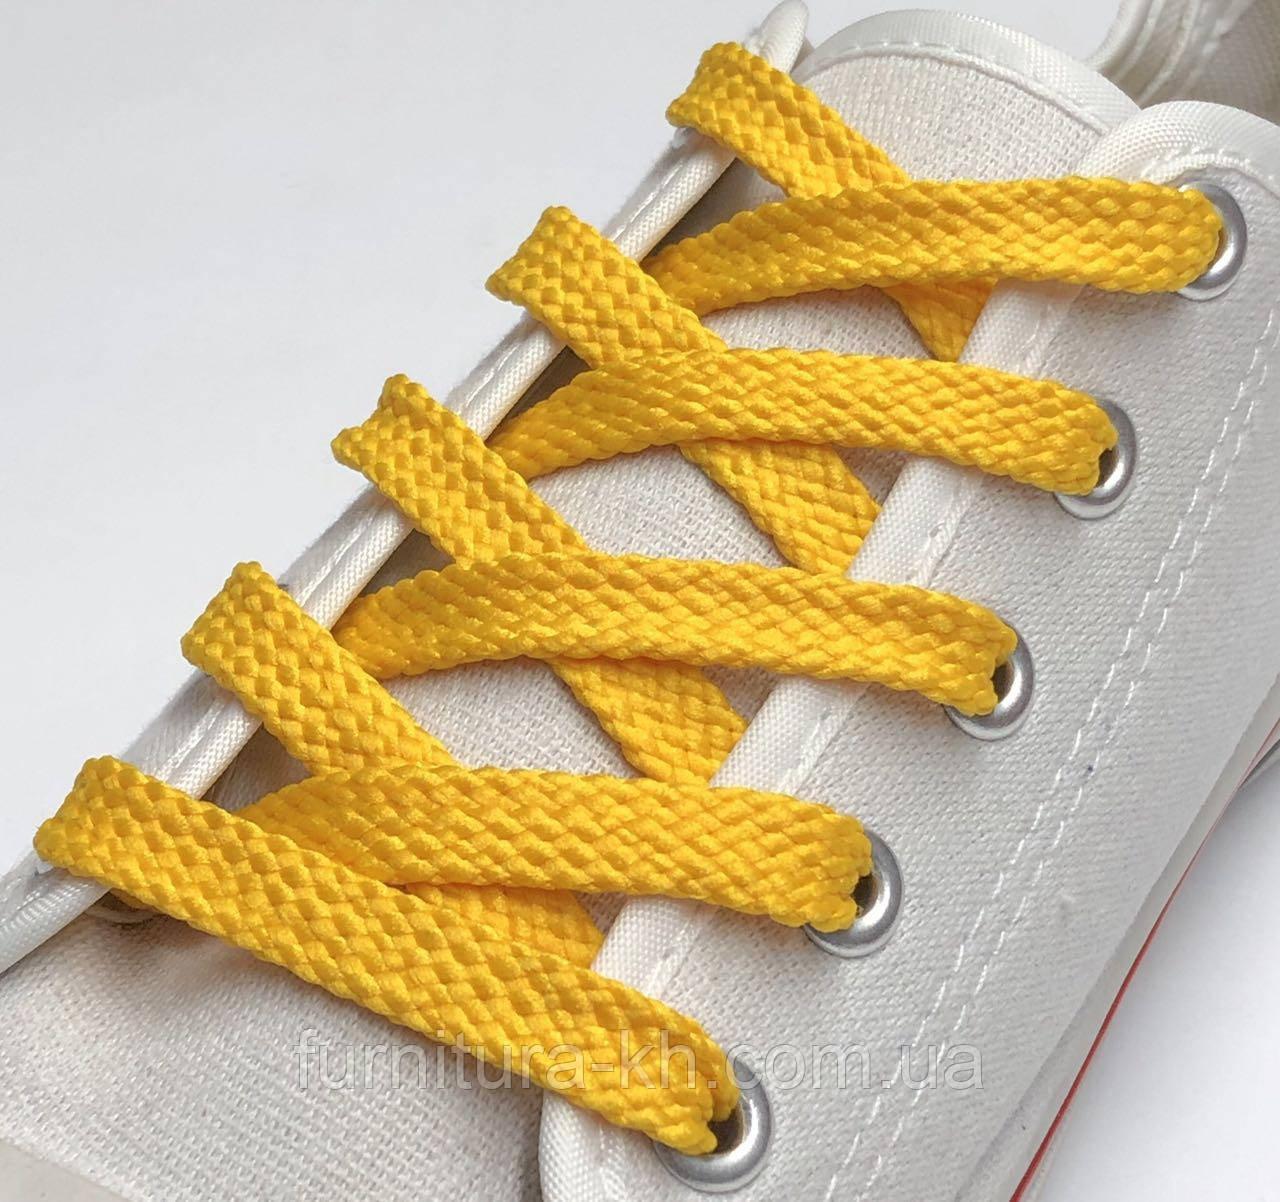 Шнурок Простой Плоский Длинна 0,70 см  цвет Желтый (ширина 7 мм)